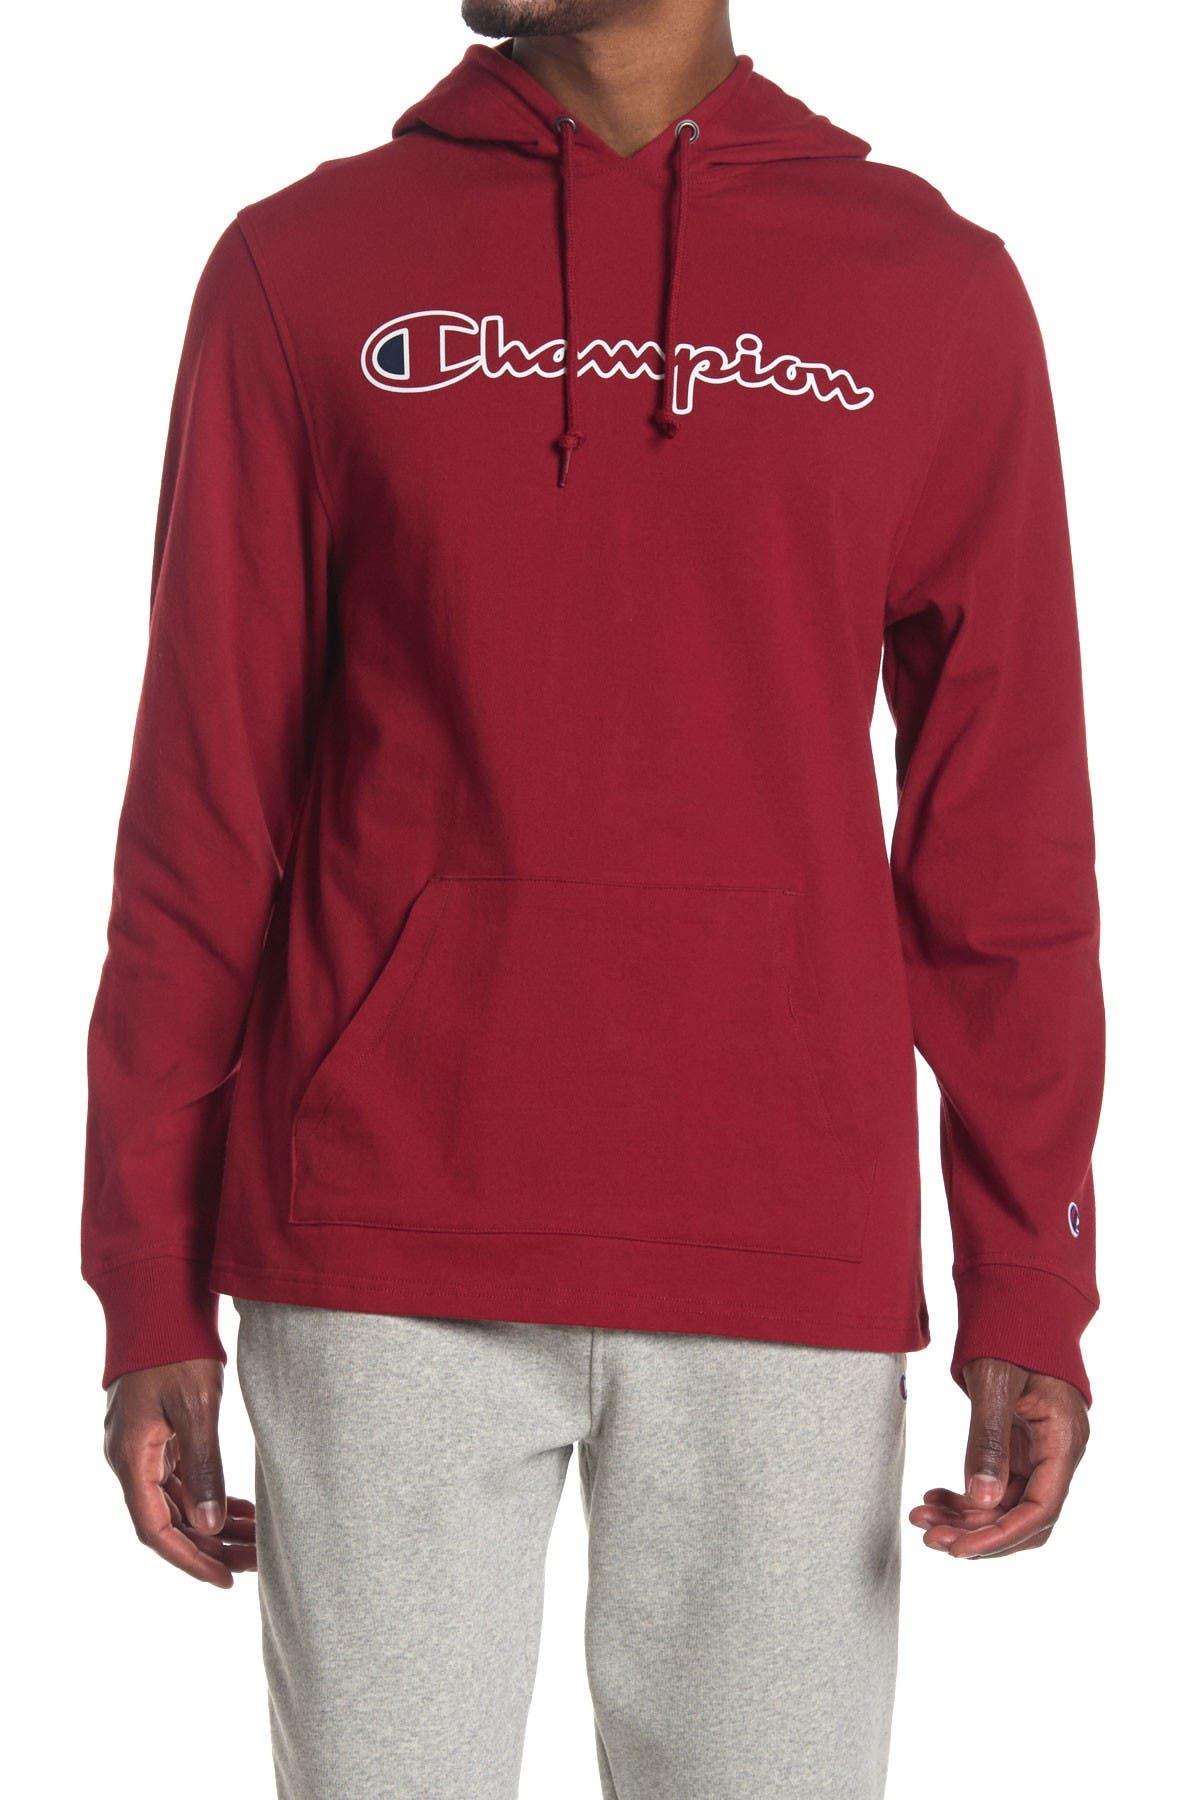 Image of Champion Logo Drawstring Knit Hoodie